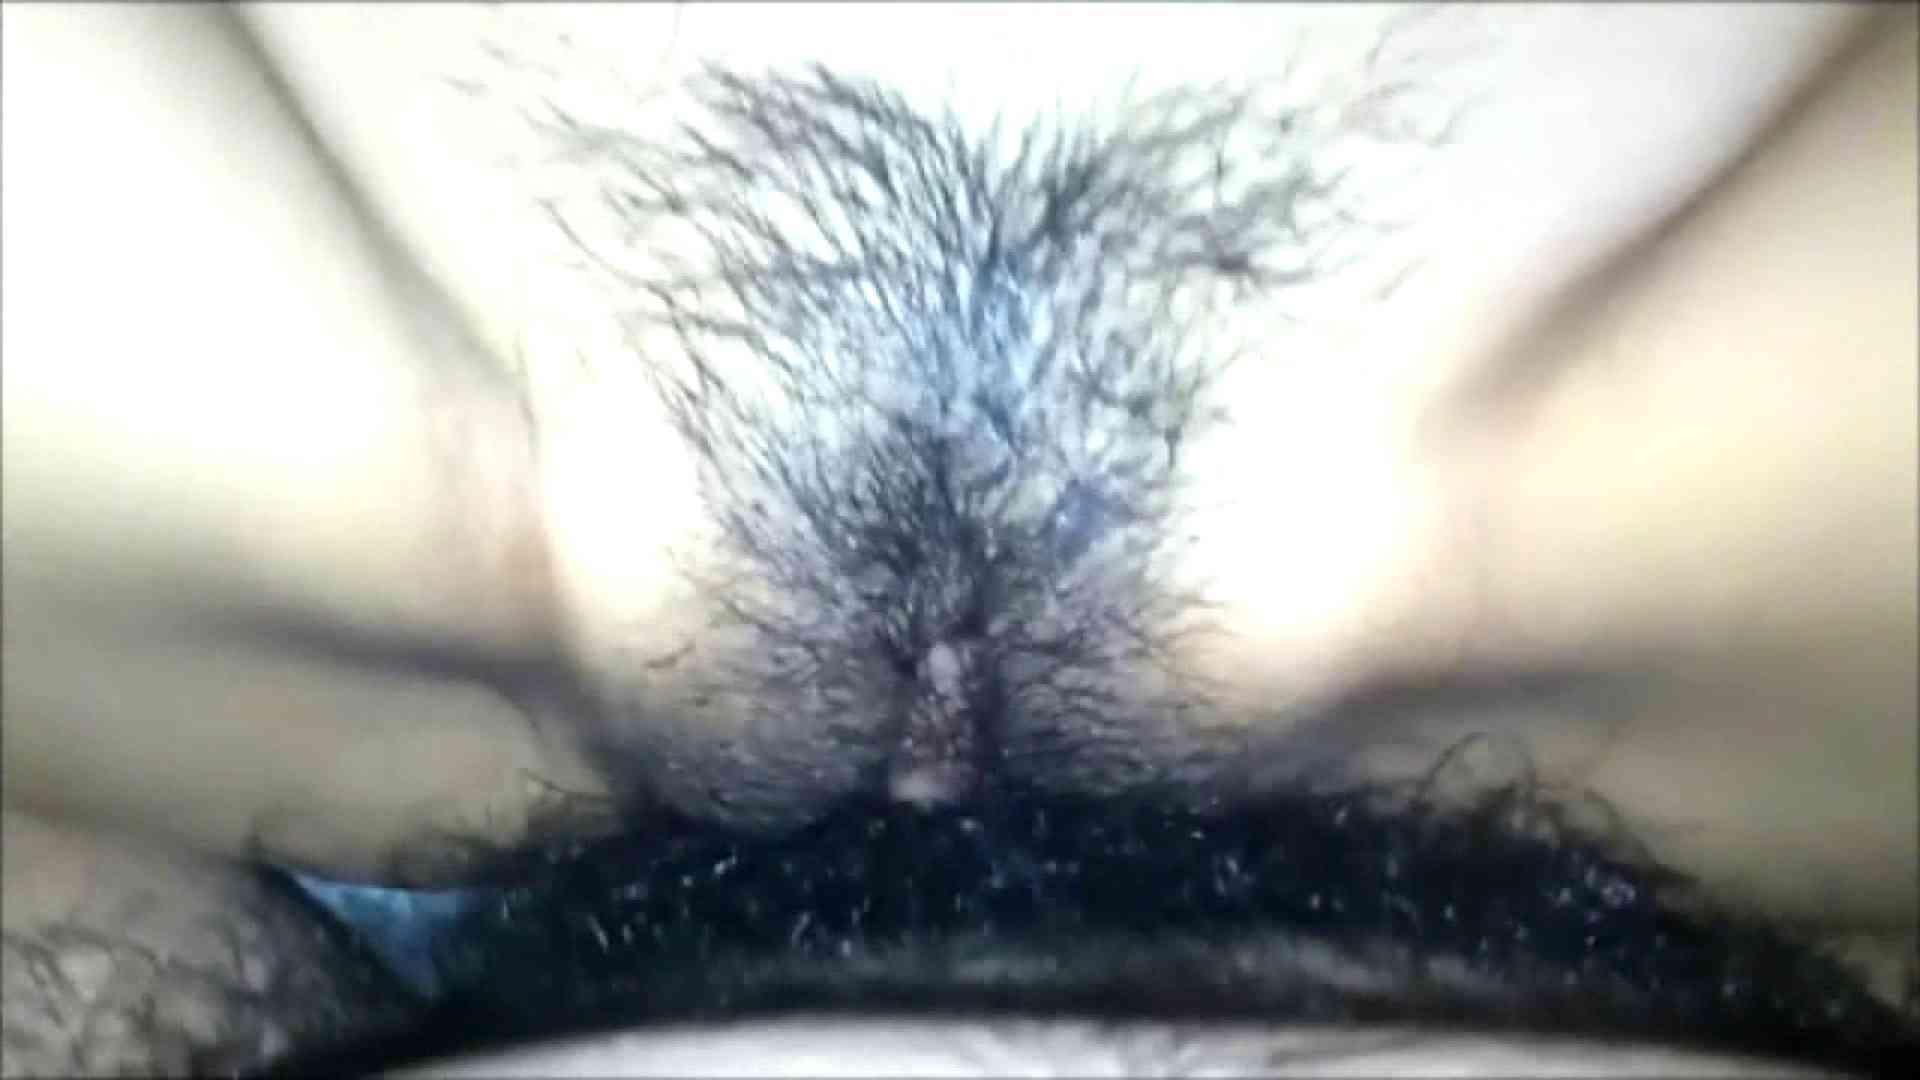 魔術師の お・も・て・な・し vol.15 ギャル系女子大生にブチ込ム! 小悪魔ギャル  69連発 12